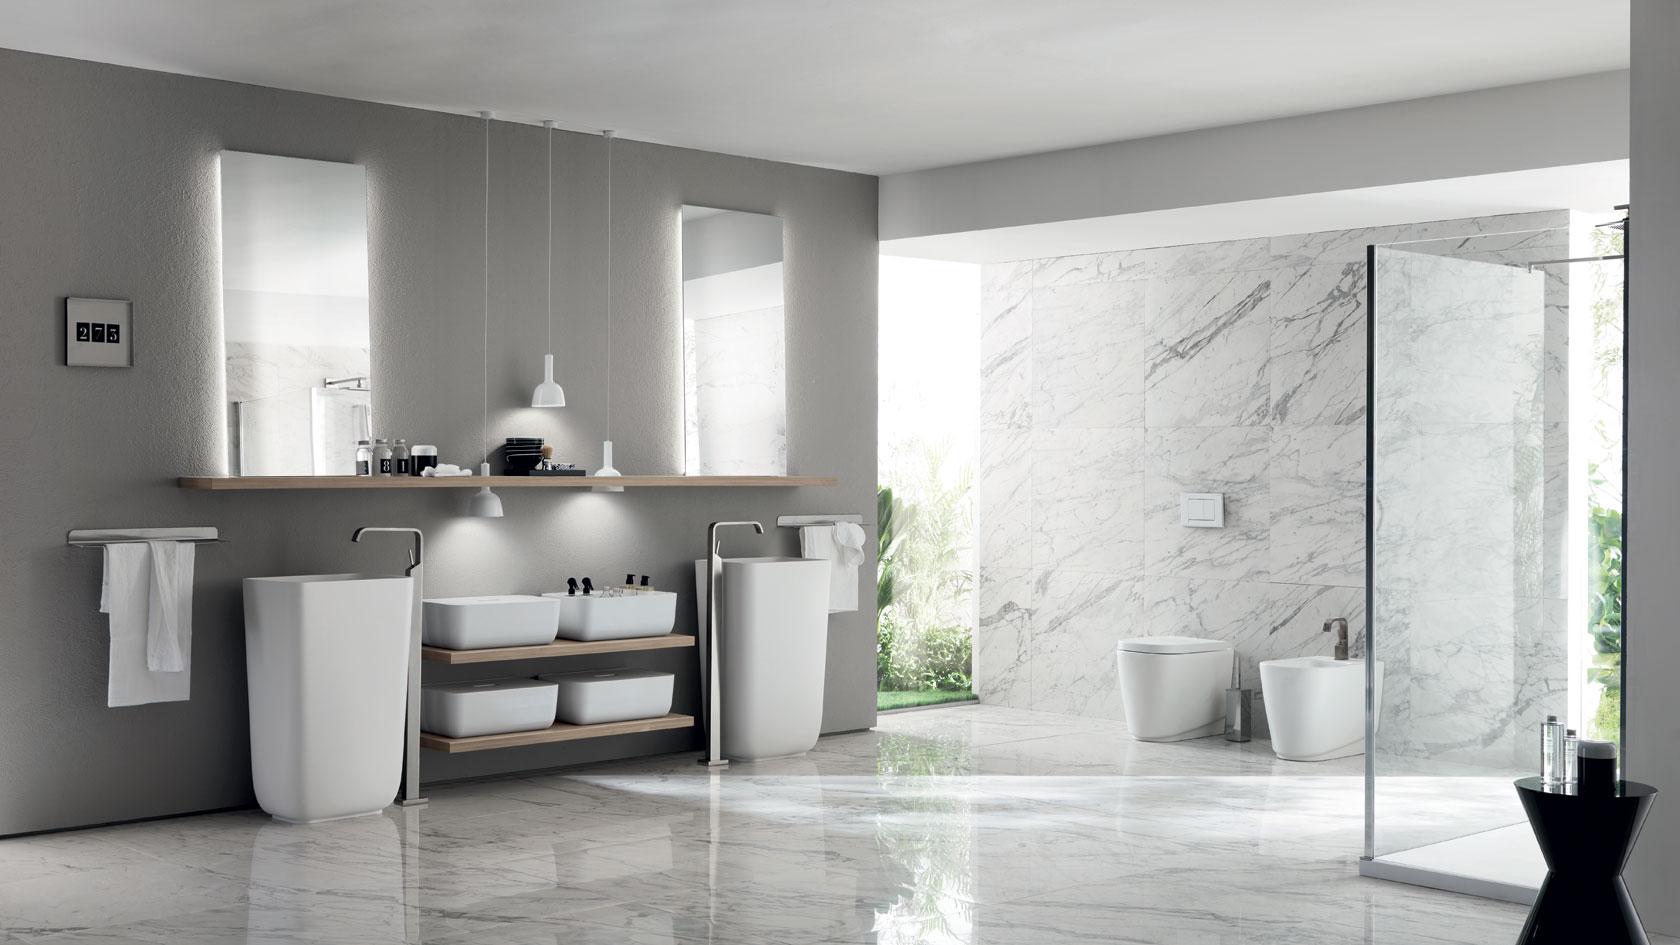 arredo bagno scavolini: design, soluzioni innovative e convenienza - Arredo Bagno Molfetta